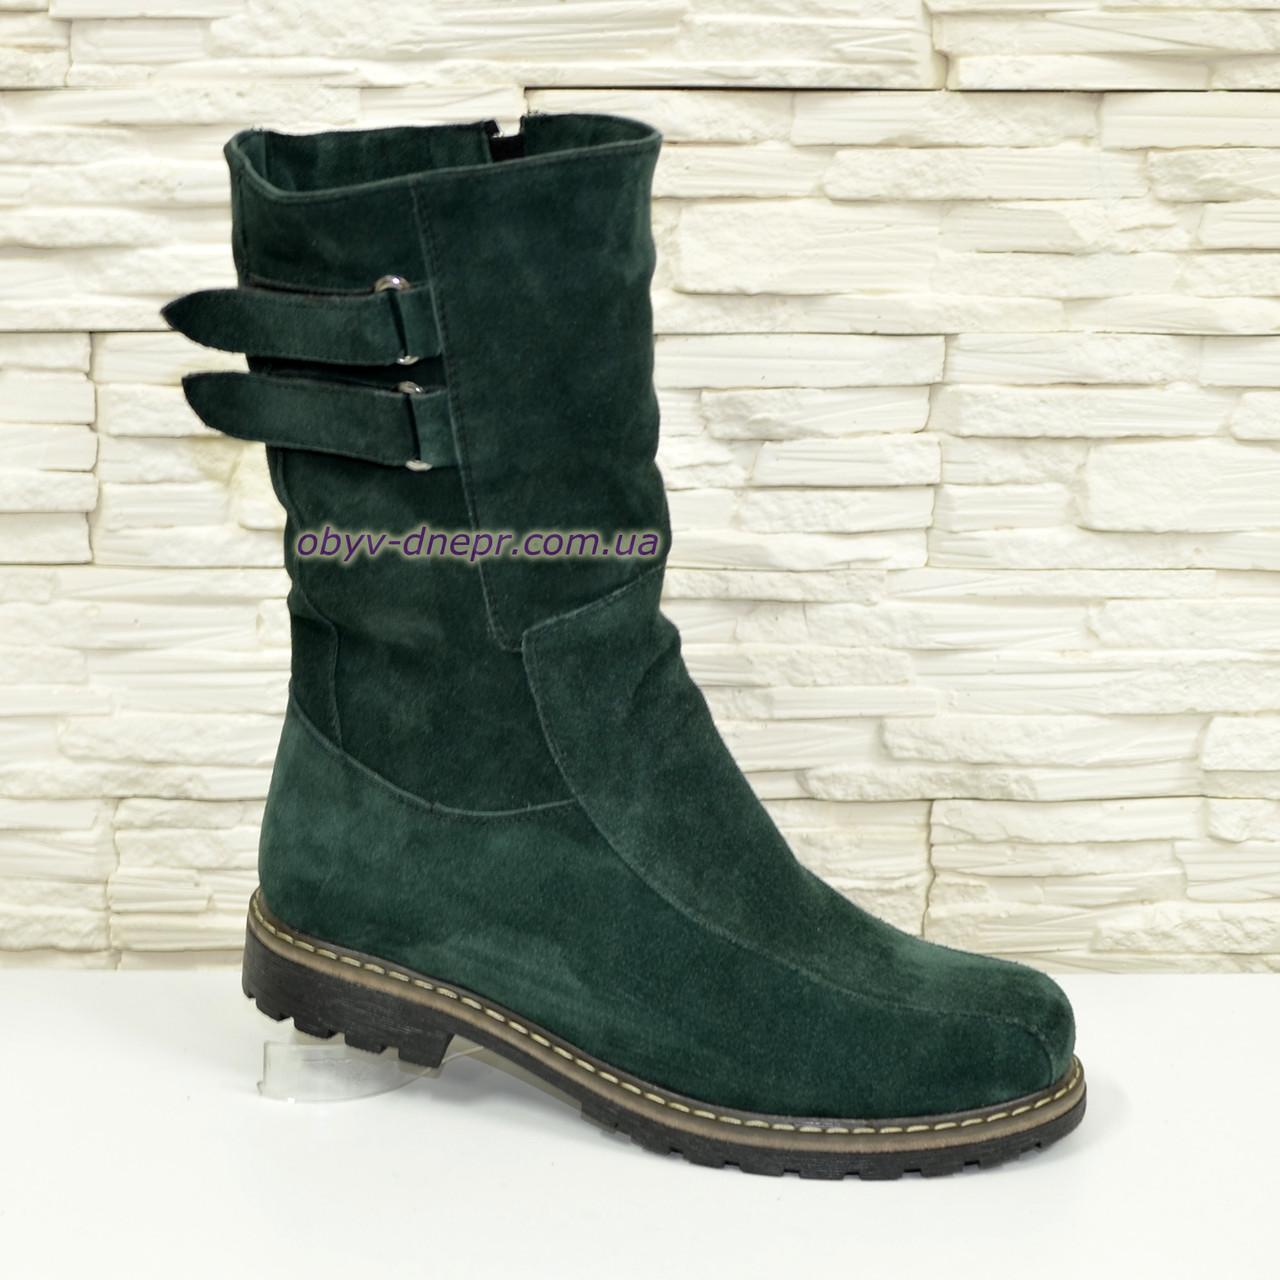 Ботинки демисезонные замшевые женские зеленого цвета.